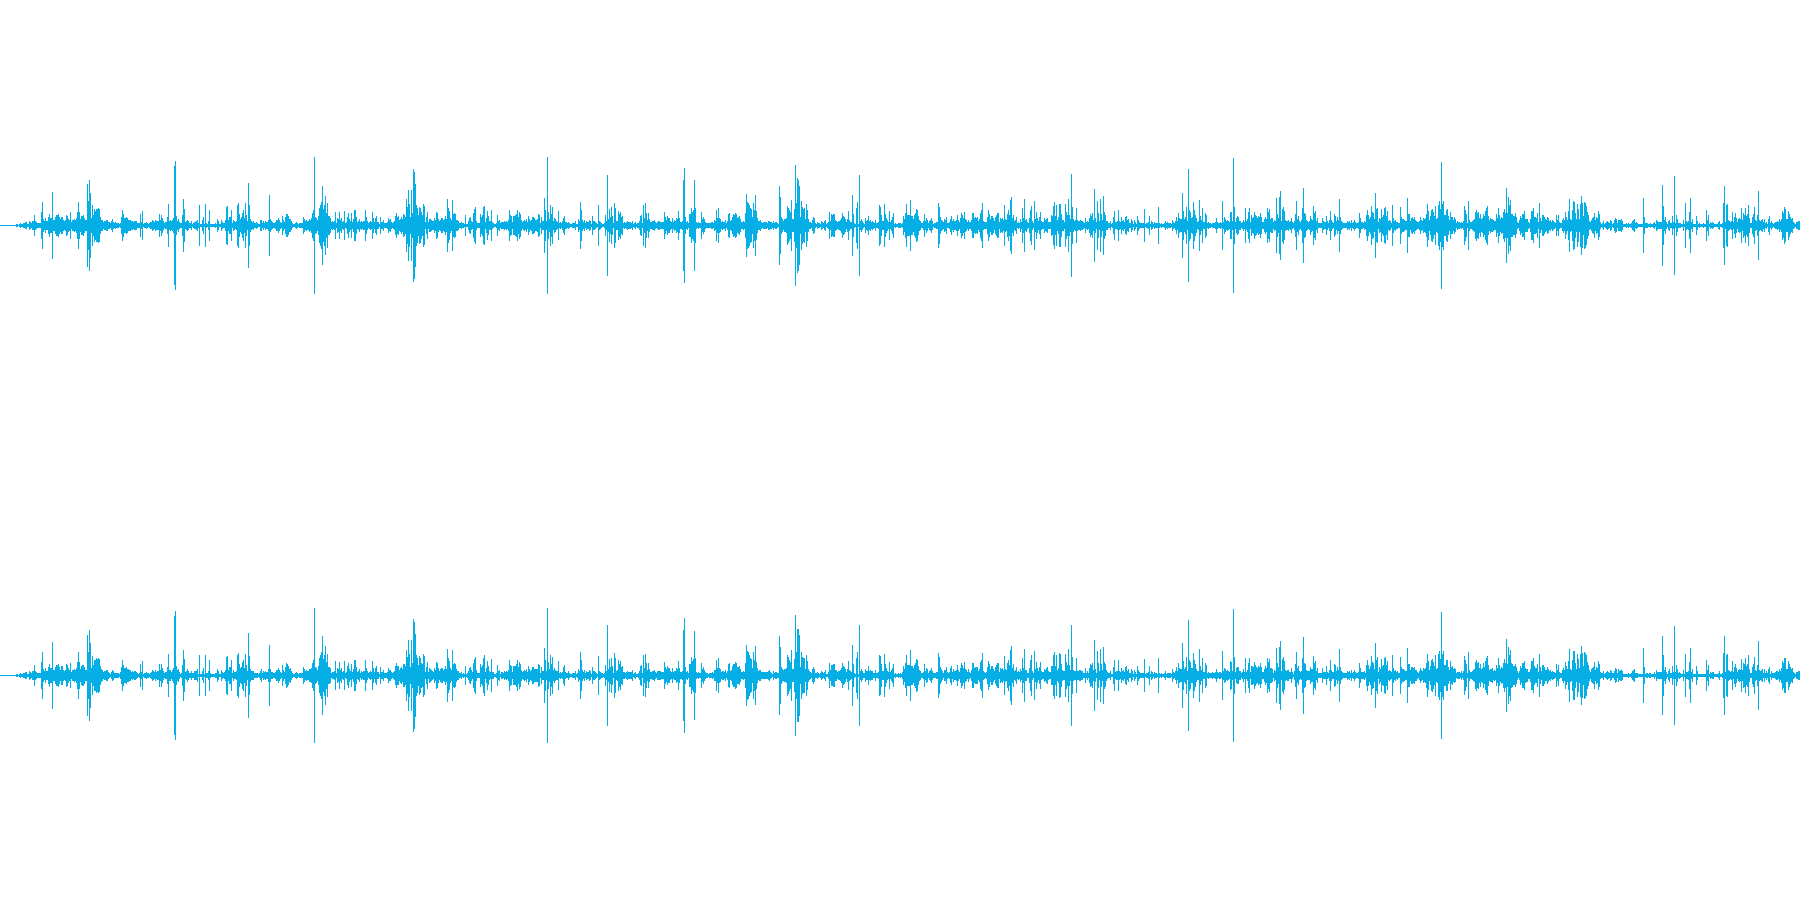 ぐちゃぐちゃ(長め)の再生済みの波形